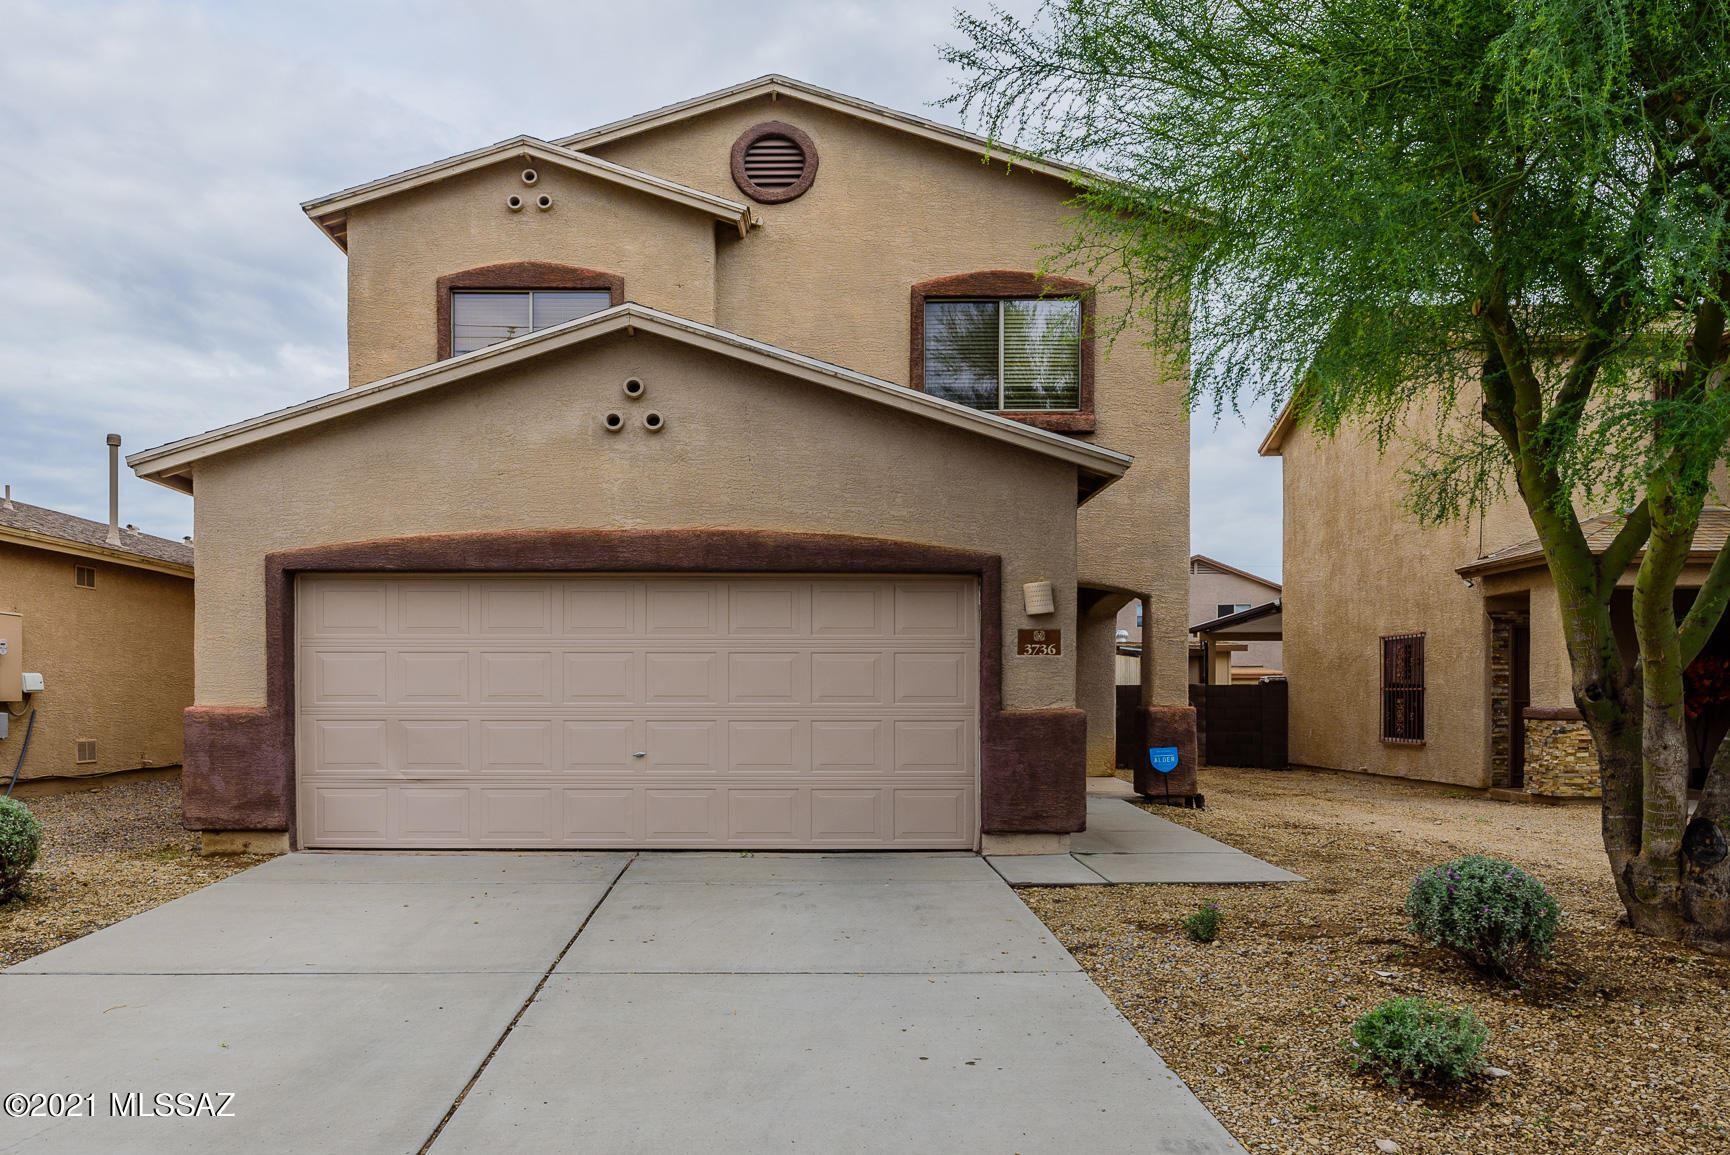 3736 E Felix Boulevard, Tucson, AZ 85706 - MLS#: 22119112